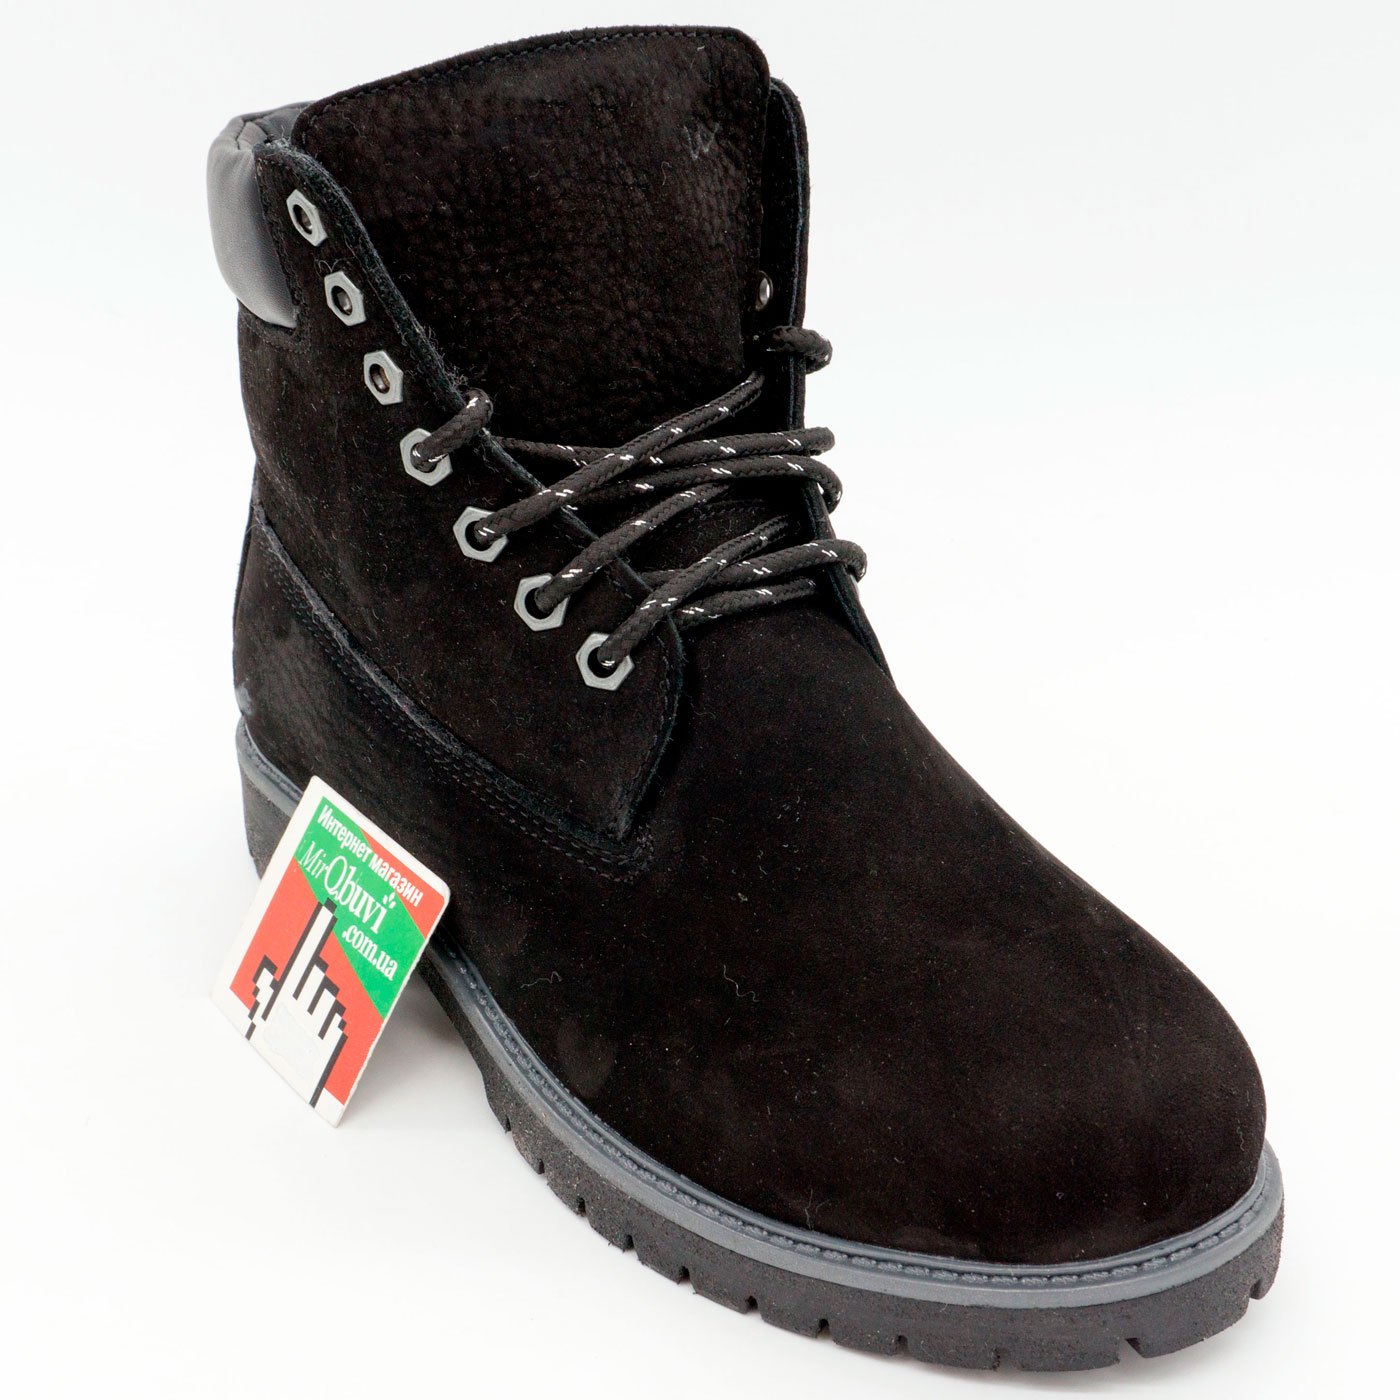 фото bottom Черные ботинки Реплика Timberland 102 (сделано в Украине) bottom